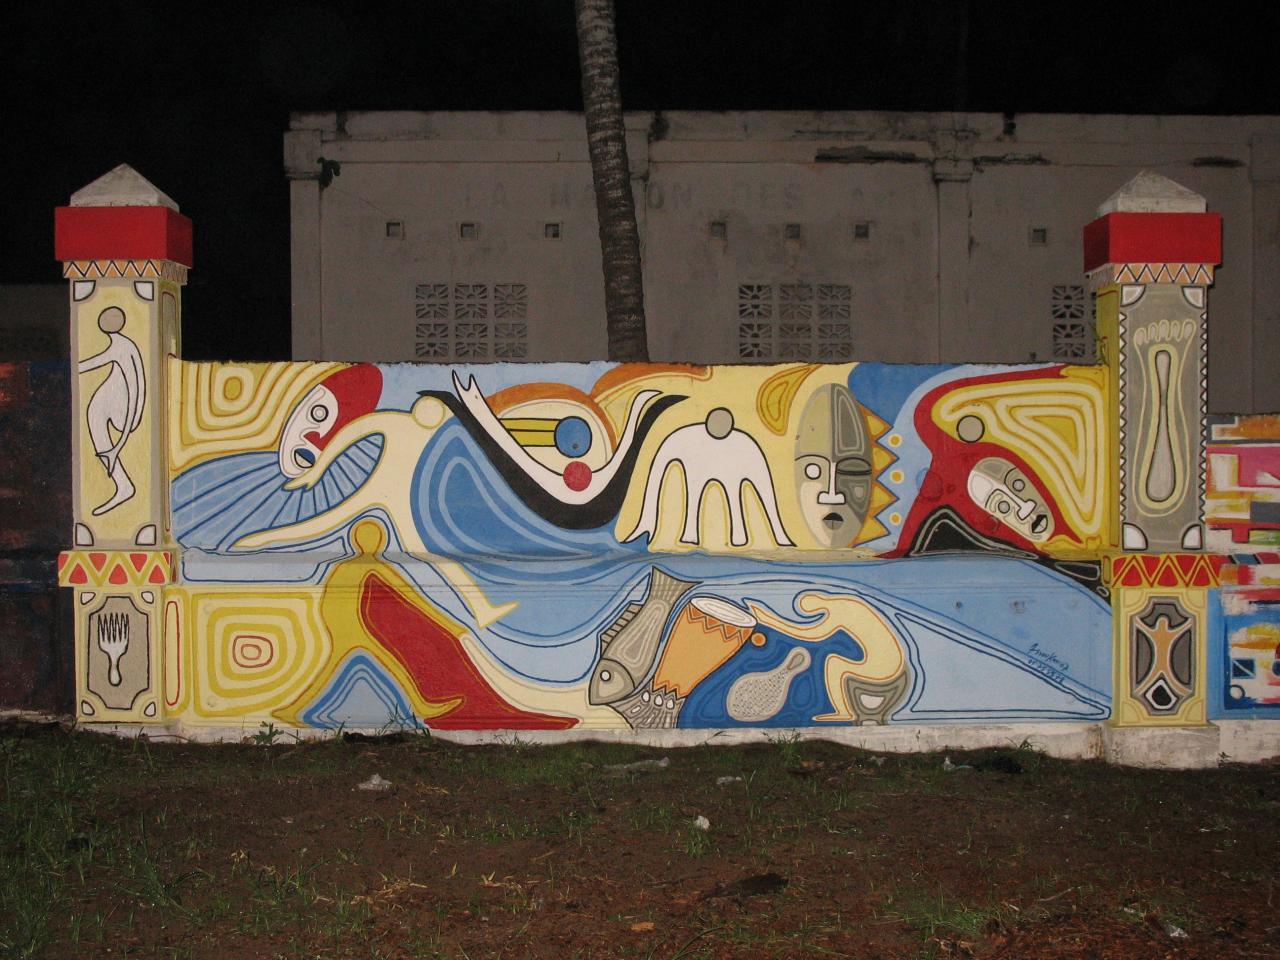 Mur d'enceinte d'un centre d'art